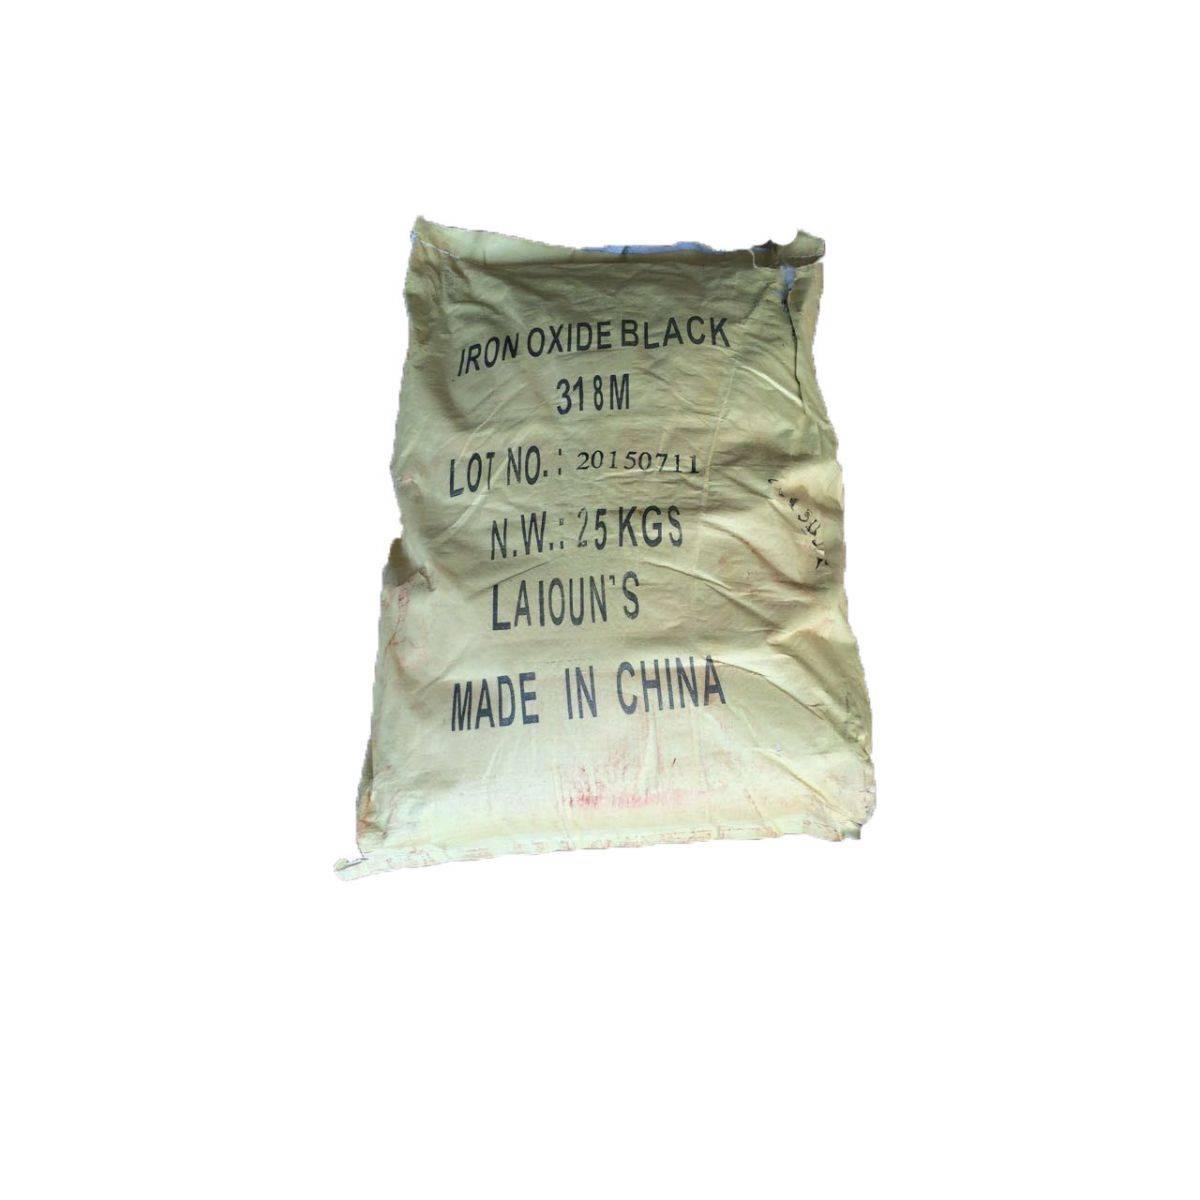 Pigmento Preto de 25 KG (Especificação  FP-318), cotação na Laioun´s